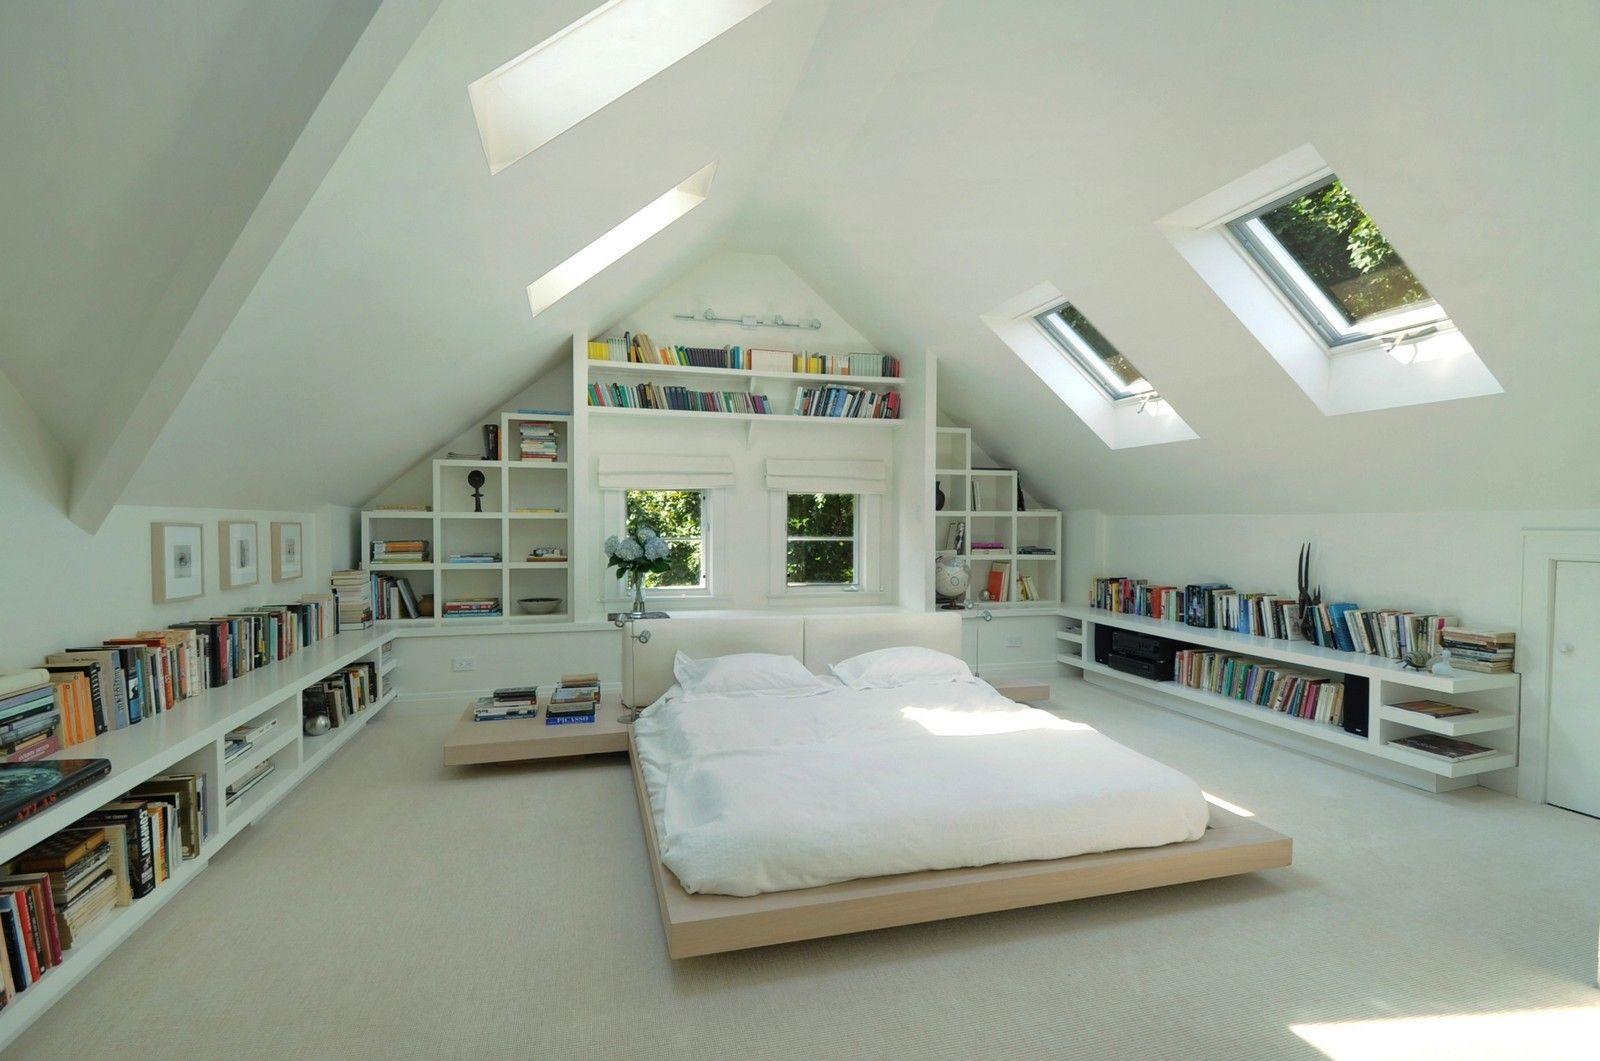 pingl par zosia samosia sur pokoj poddasze pinterest clairage sous sol mansarde et combles. Black Bedroom Furniture Sets. Home Design Ideas